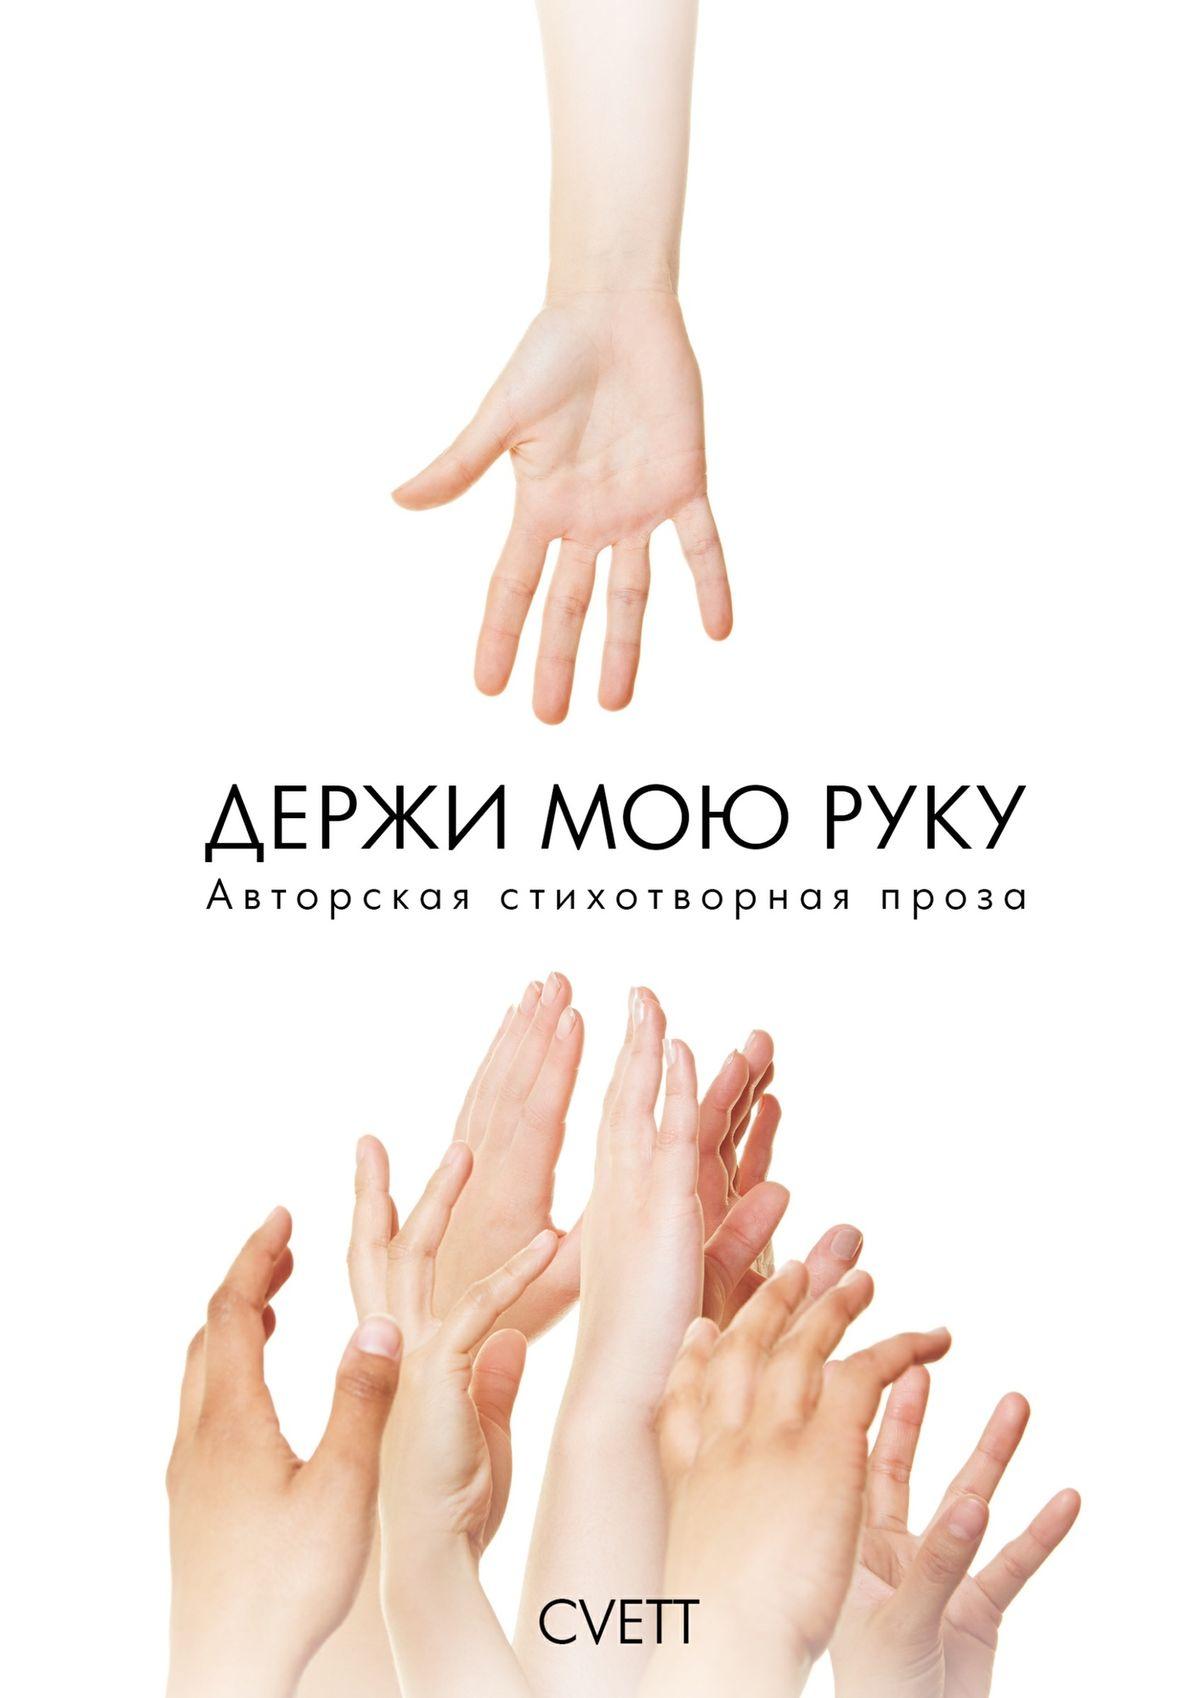 Держи мою руку. Авторская стихотворная проза